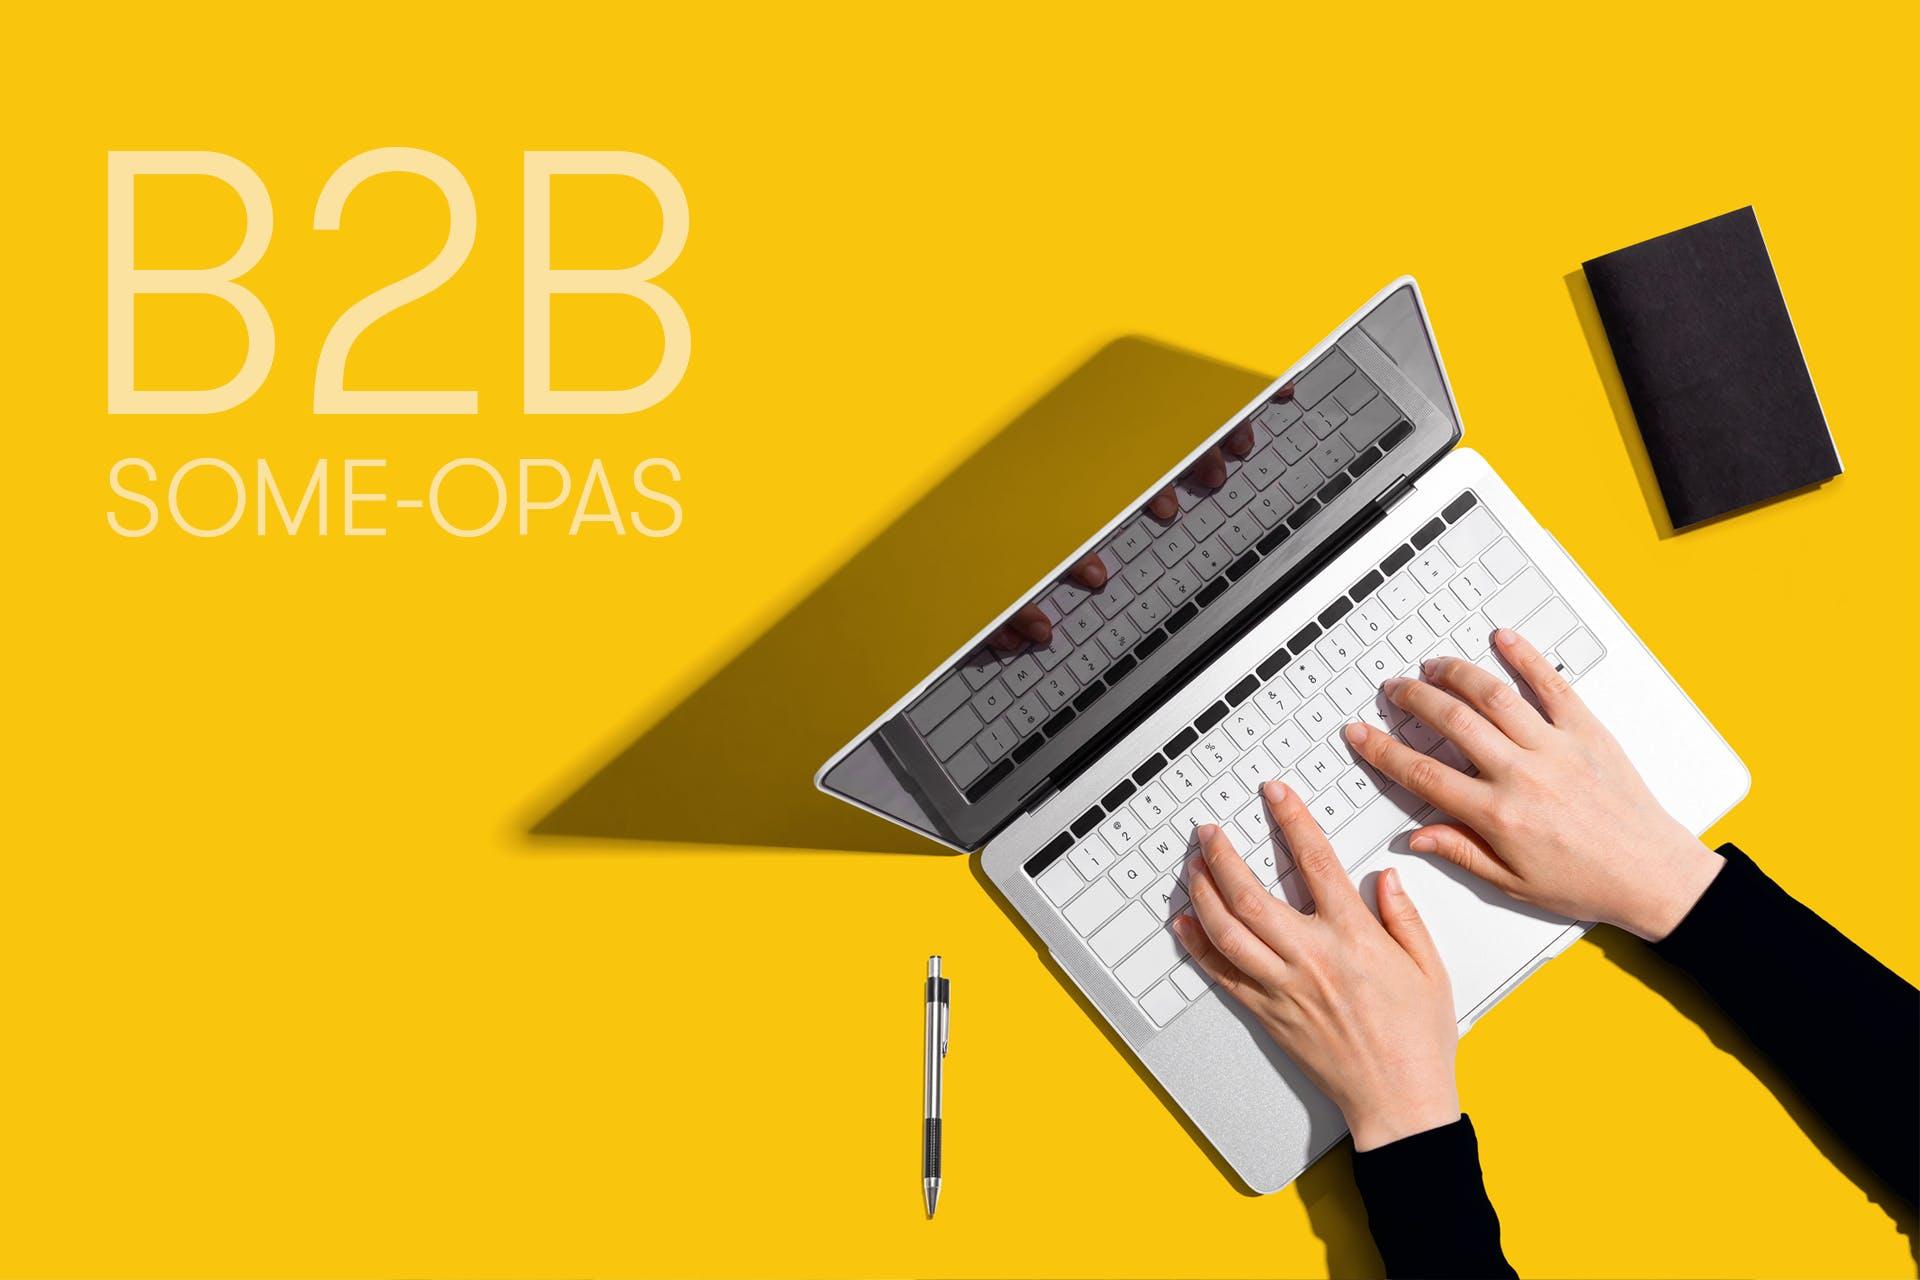 B2B some-opas, henkilön kädet tietokoneen näppäimistöllä ylhäältä kuvattuna